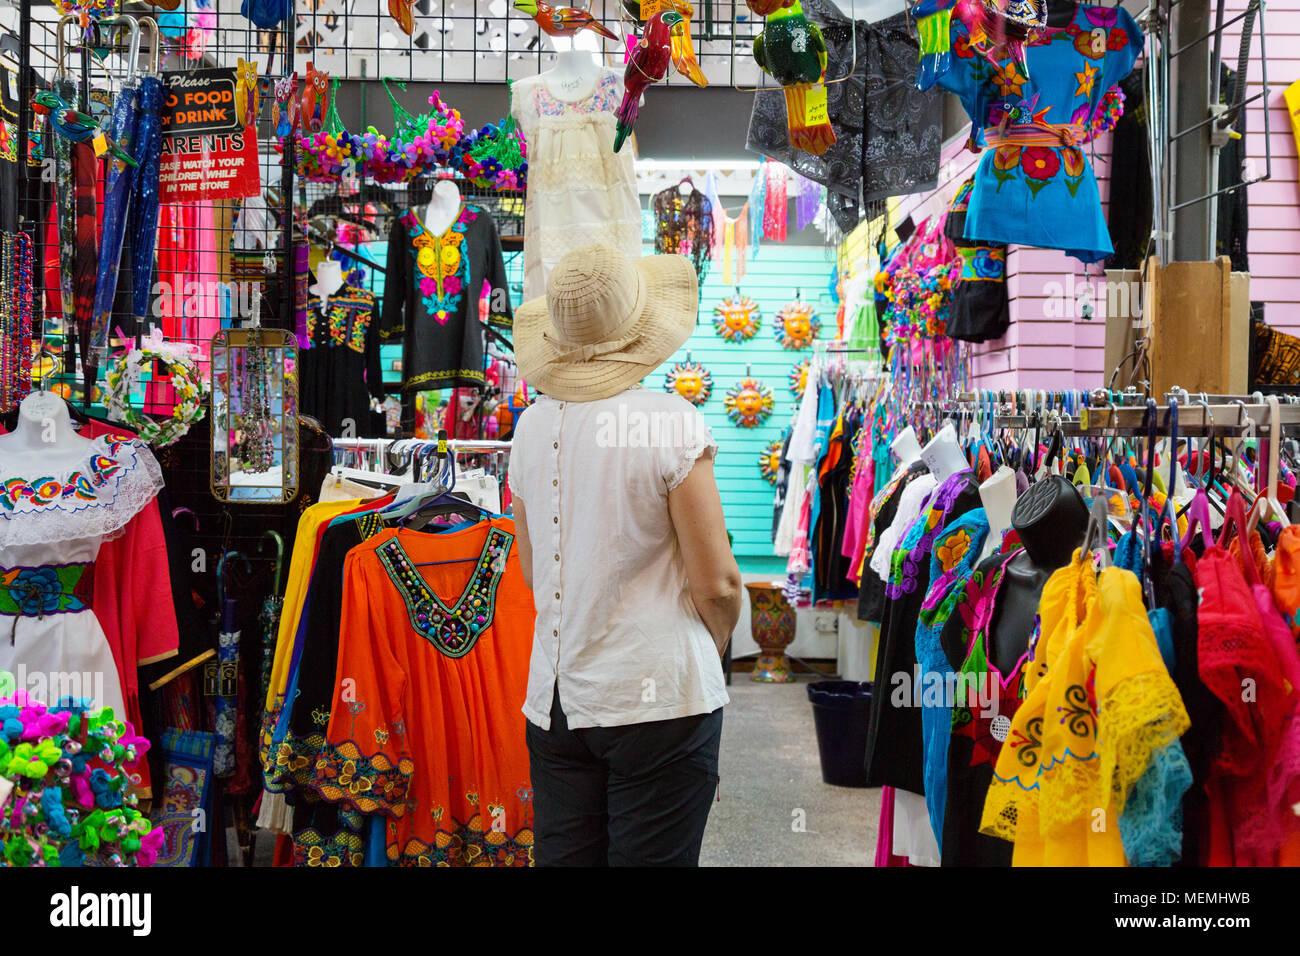 A Woman Shopping In A Clothes Shop San Antonio Historic